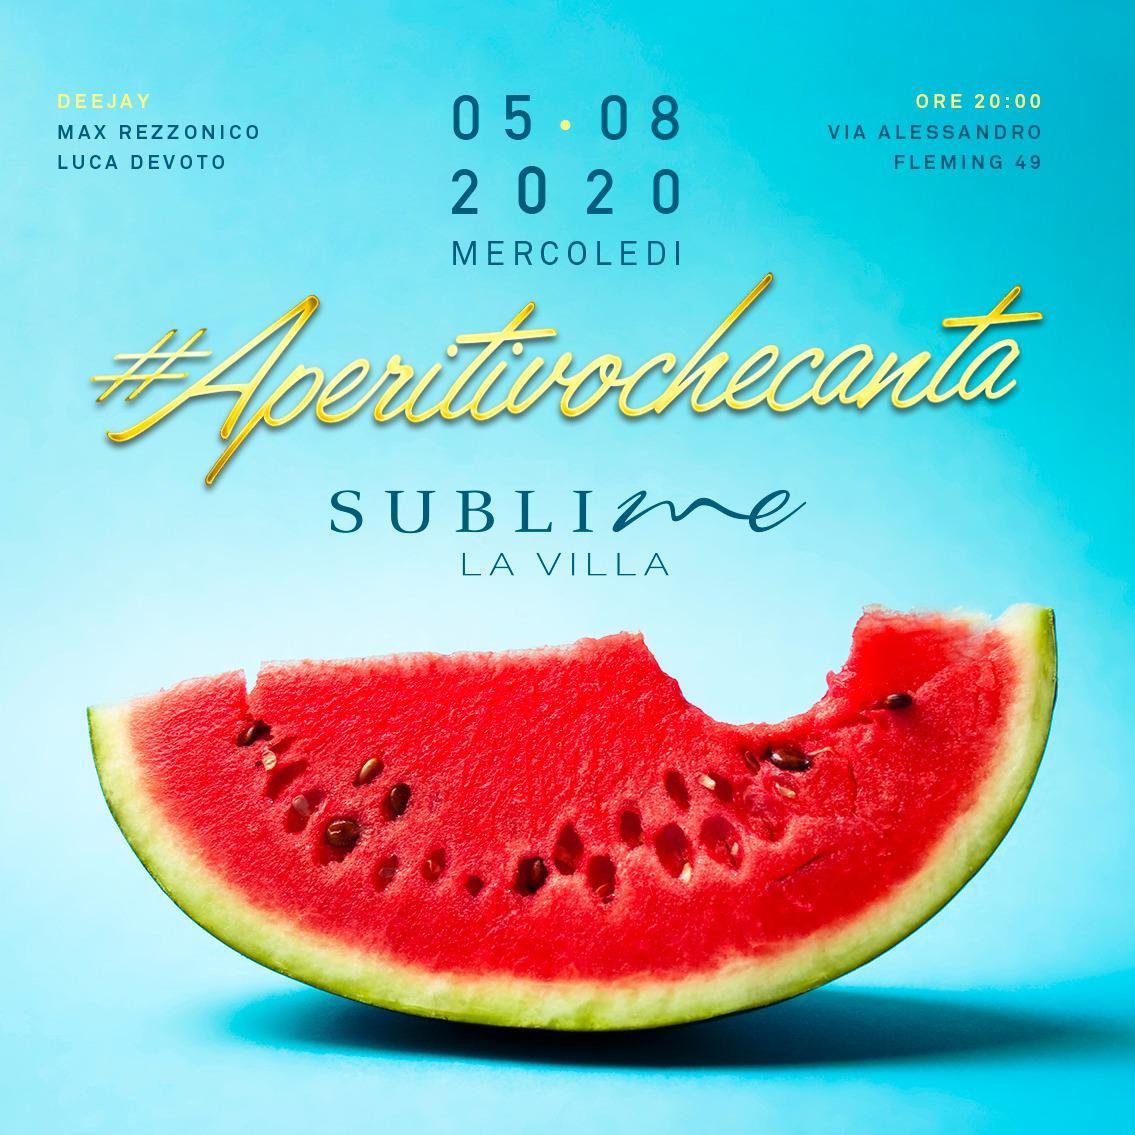 Aperitivo che canta mercoledì 5 luglio 2020 @ La Villa Sublime Roma